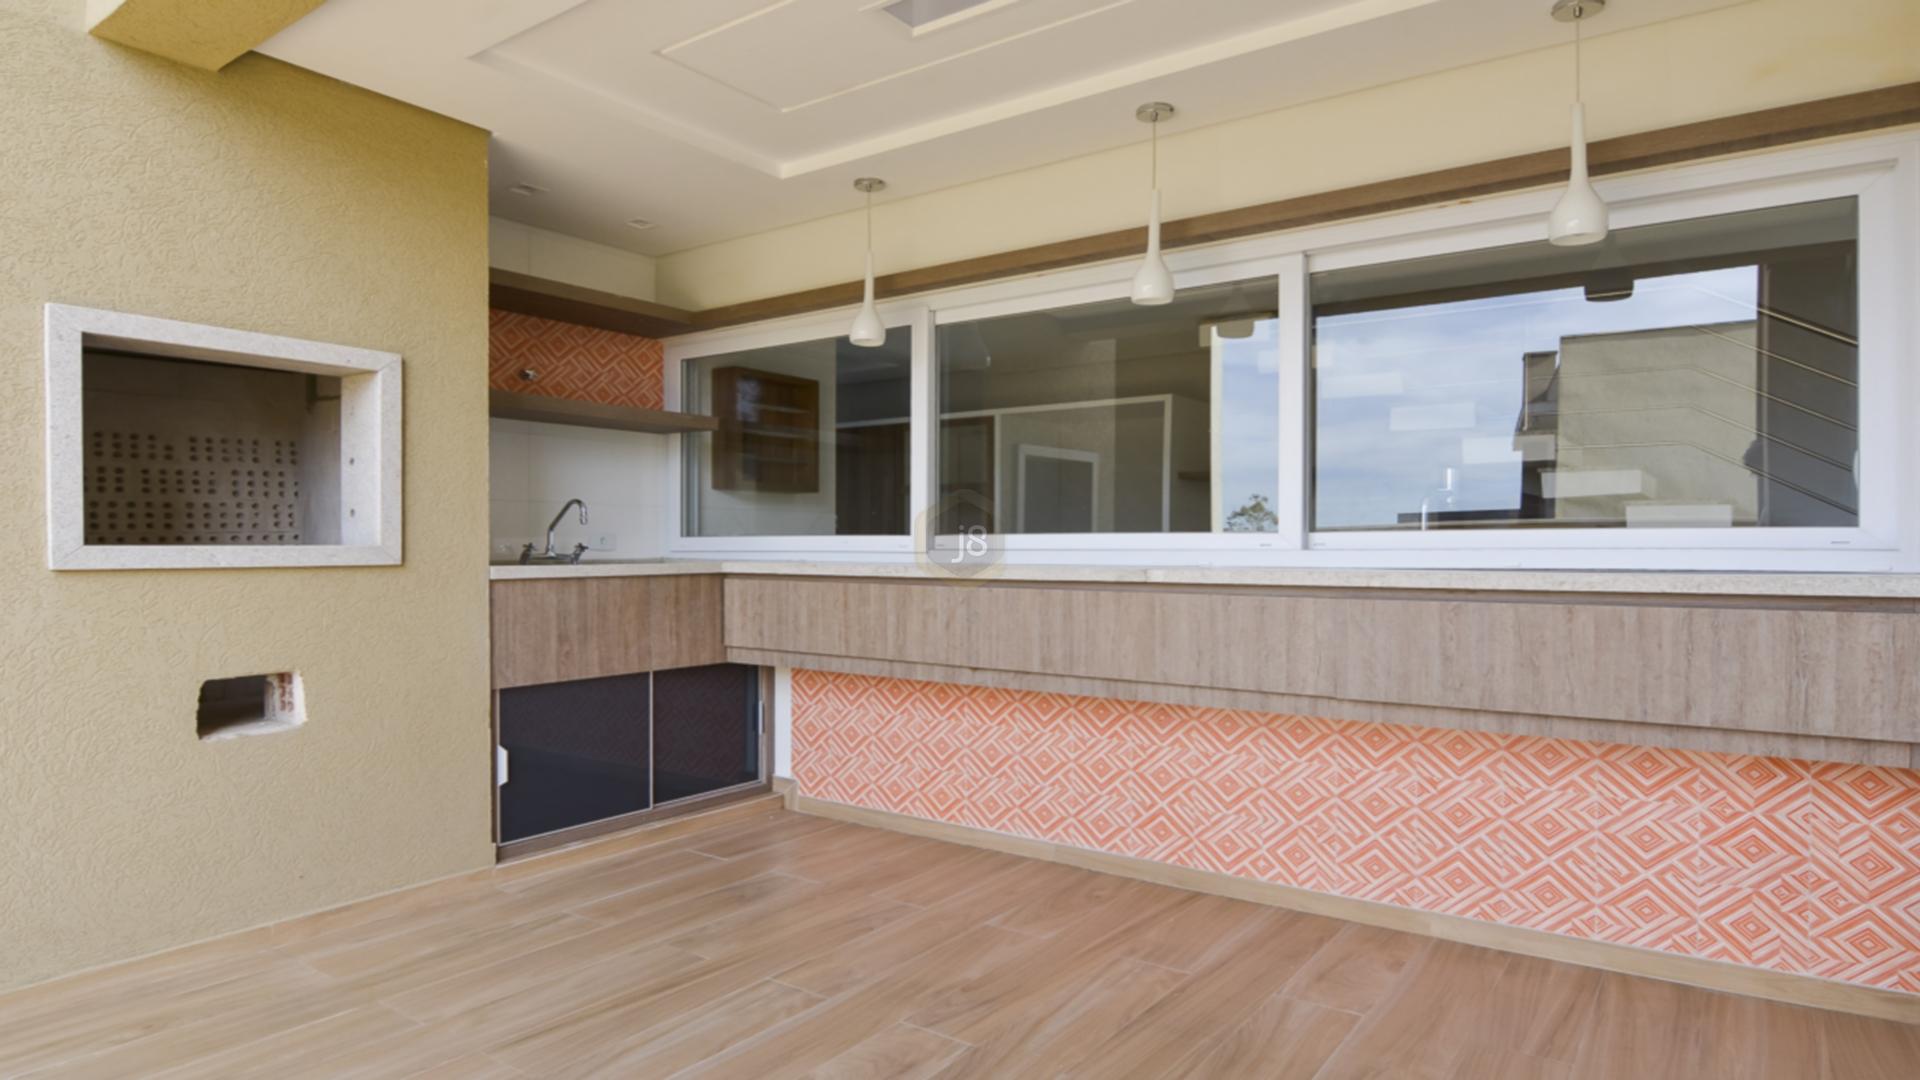 Casa Em Condominio de 4 dormitórios à venda em Santa Cândida, Curitiba - PR